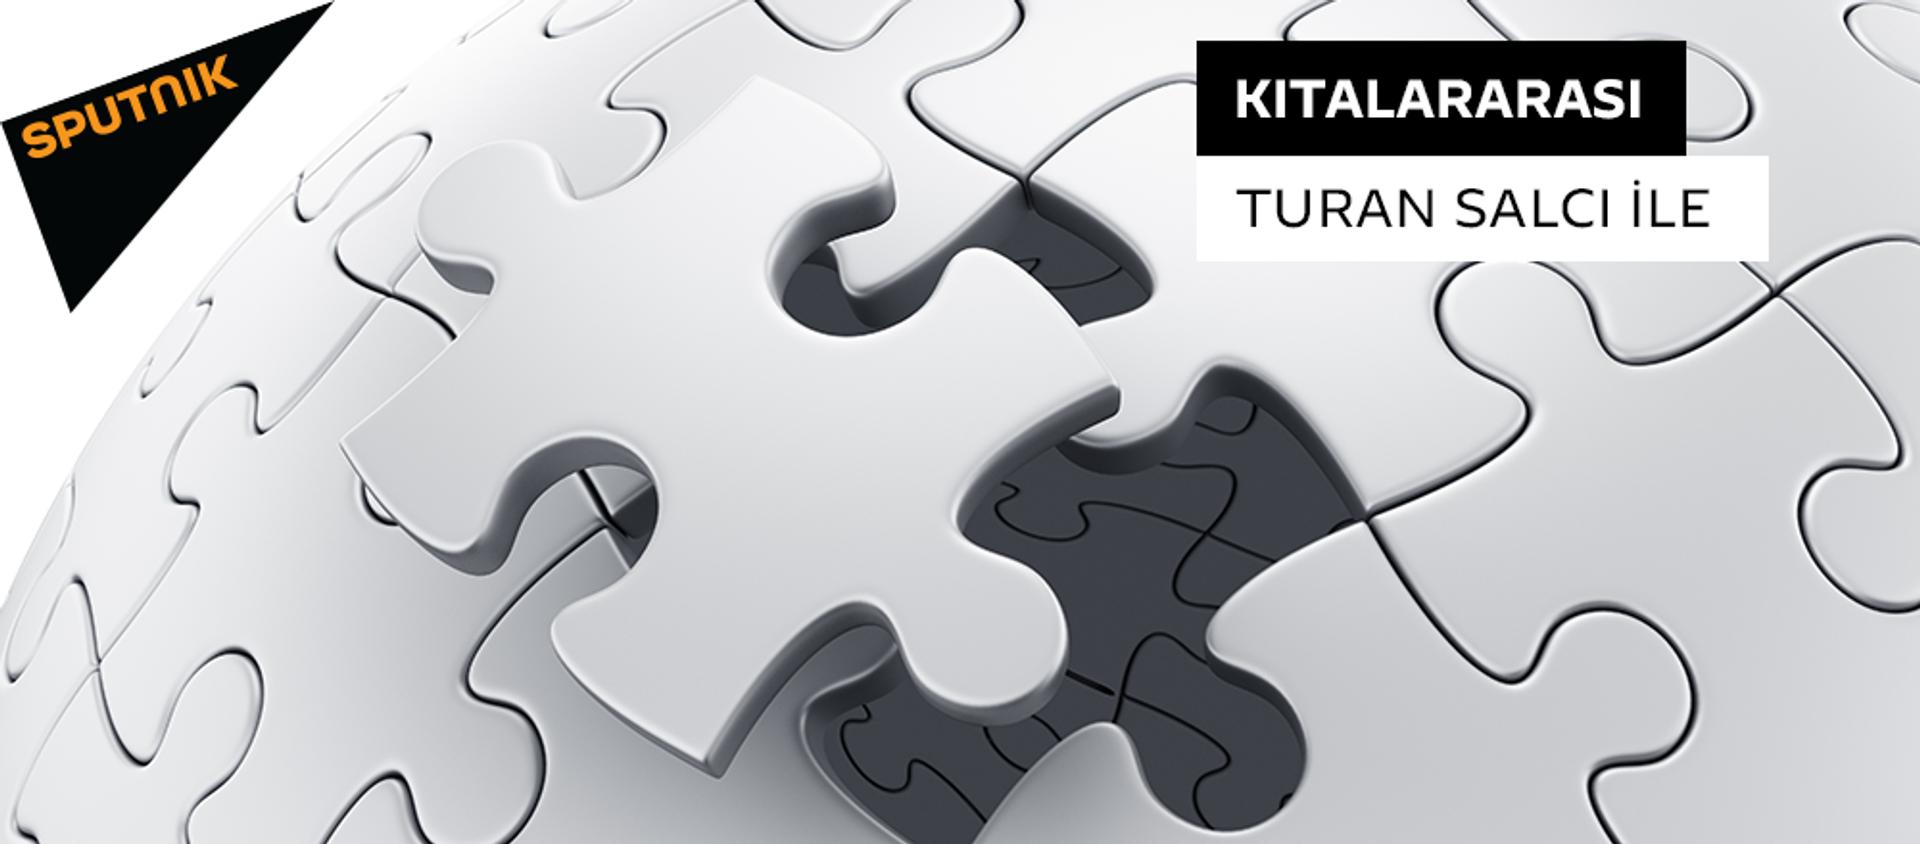 KITALARARASI - Sputnik Türkiye, 1920, 06.04.2021